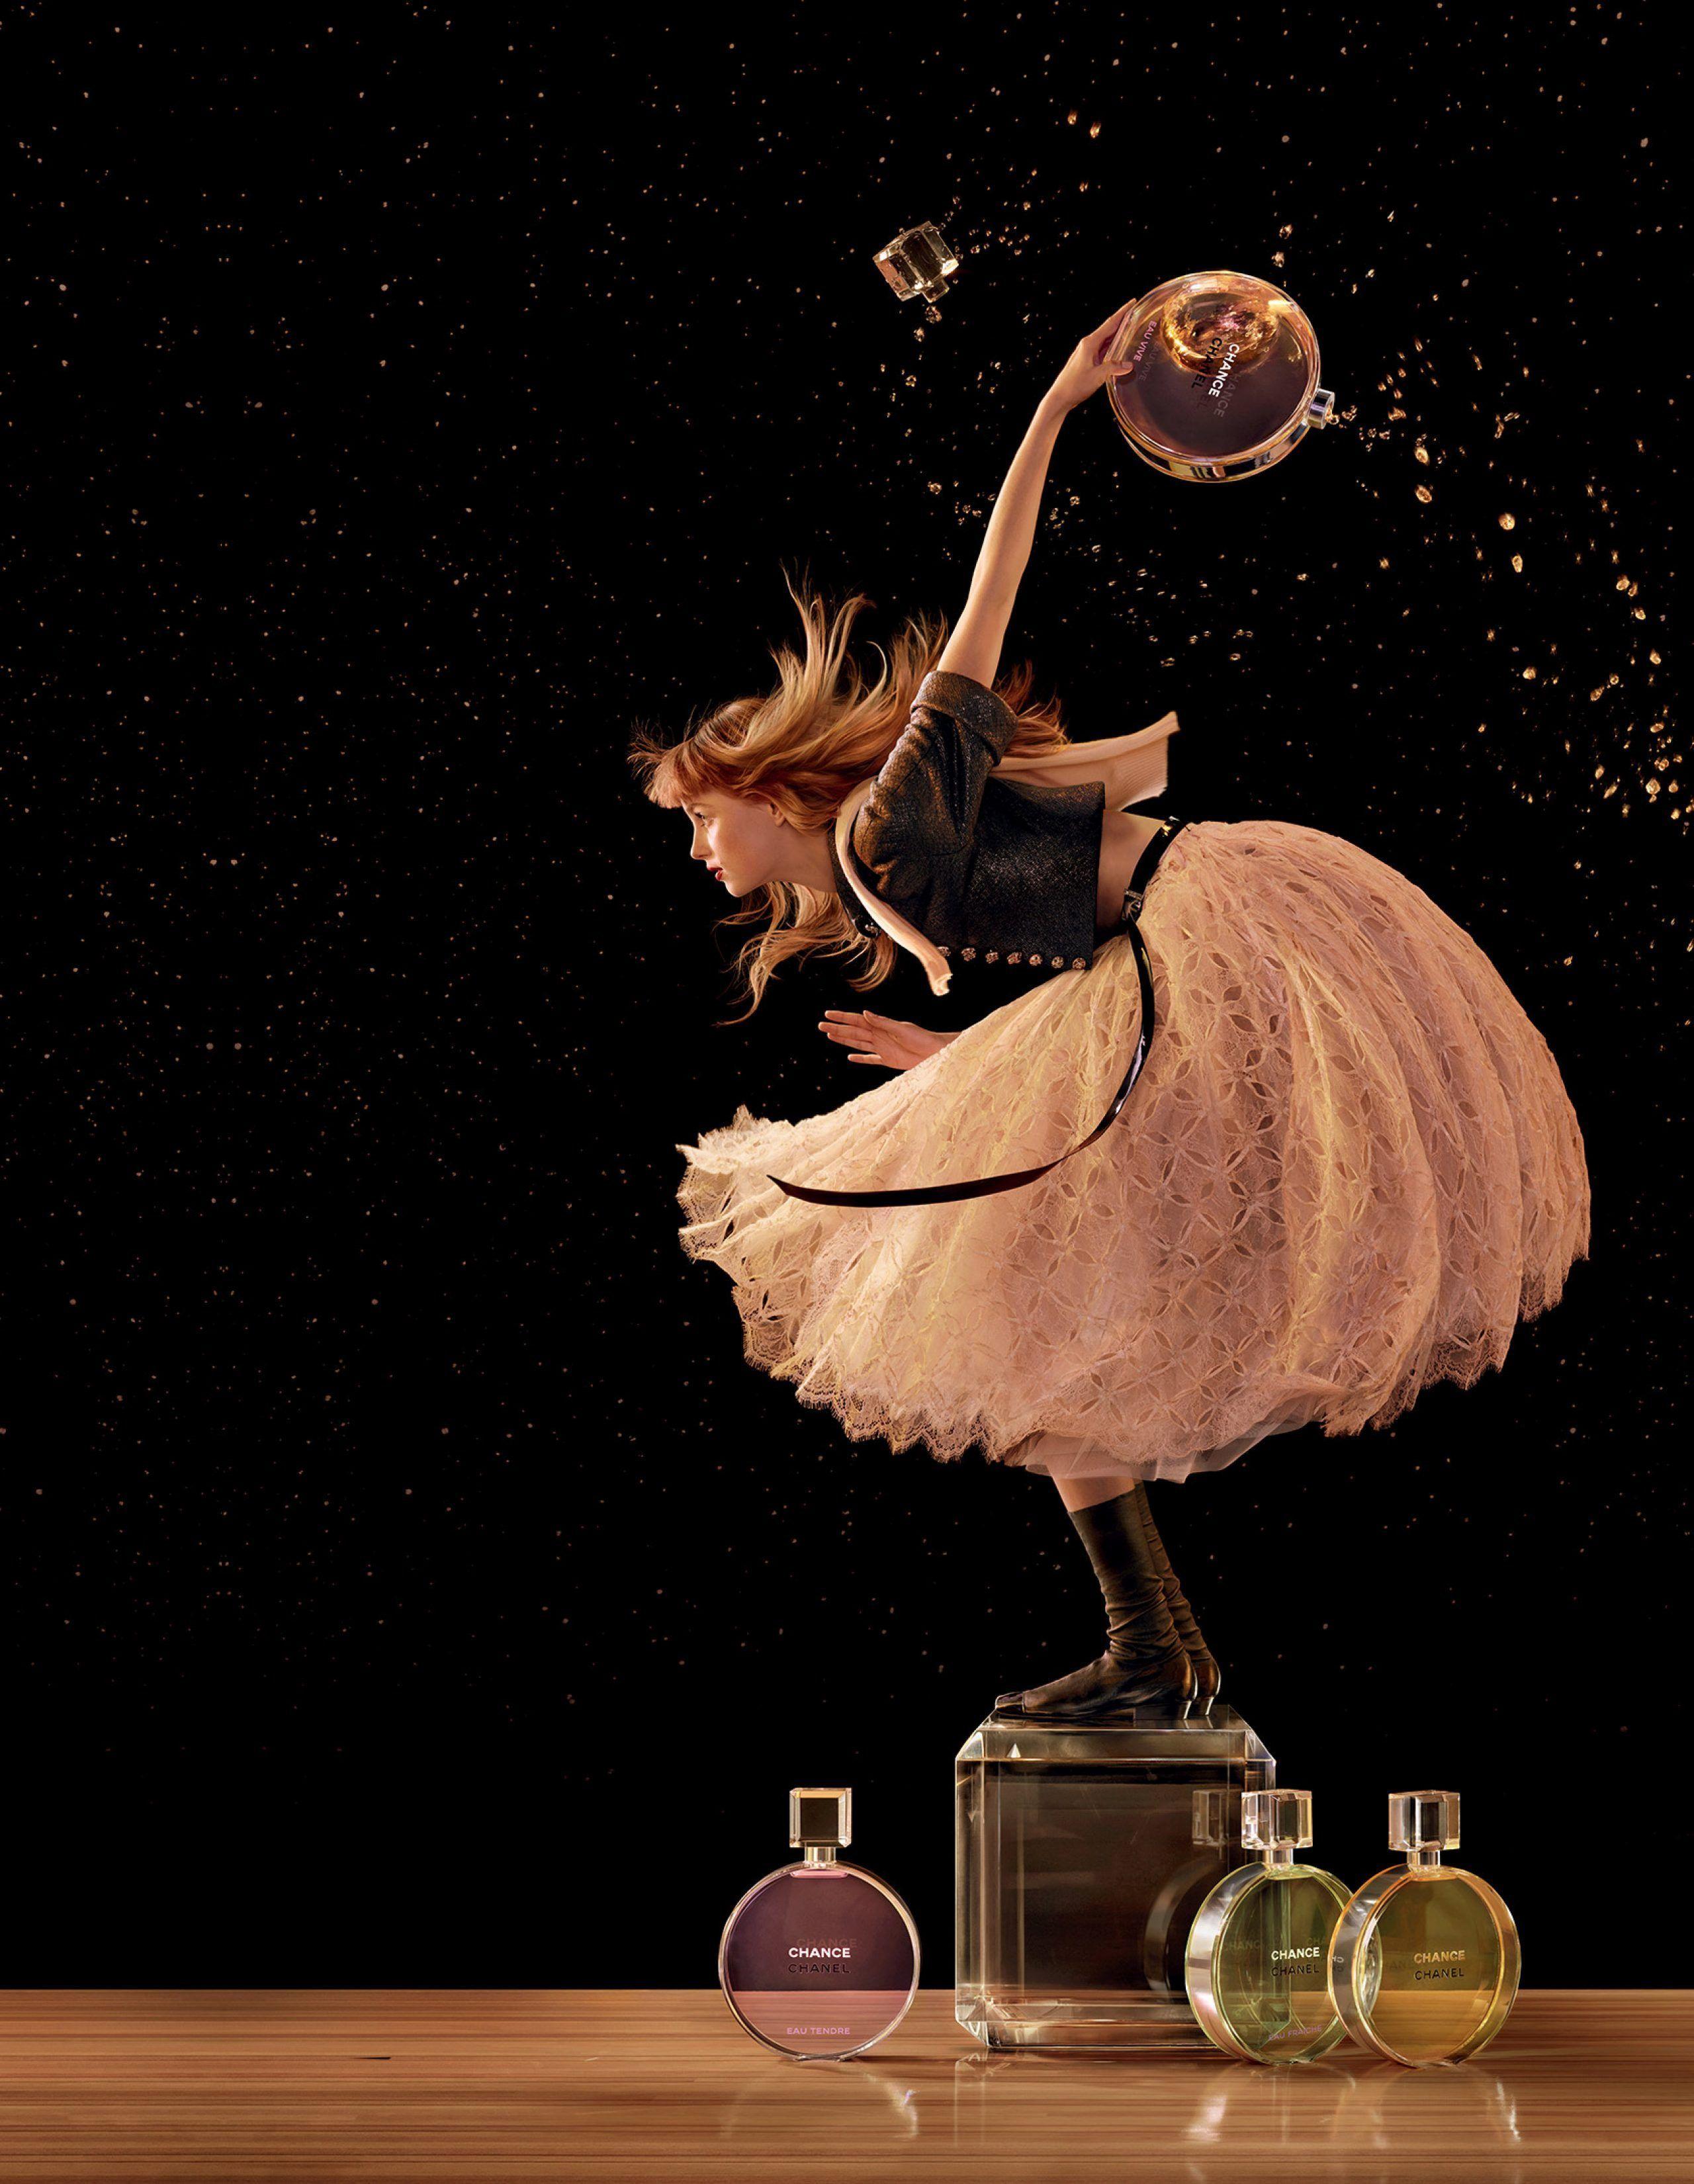 Chance Eau Vive Chanel Site Officiel Et Boutique En Ligne Chanel Parfum Chanel Et Flacons De Parfum Vintage